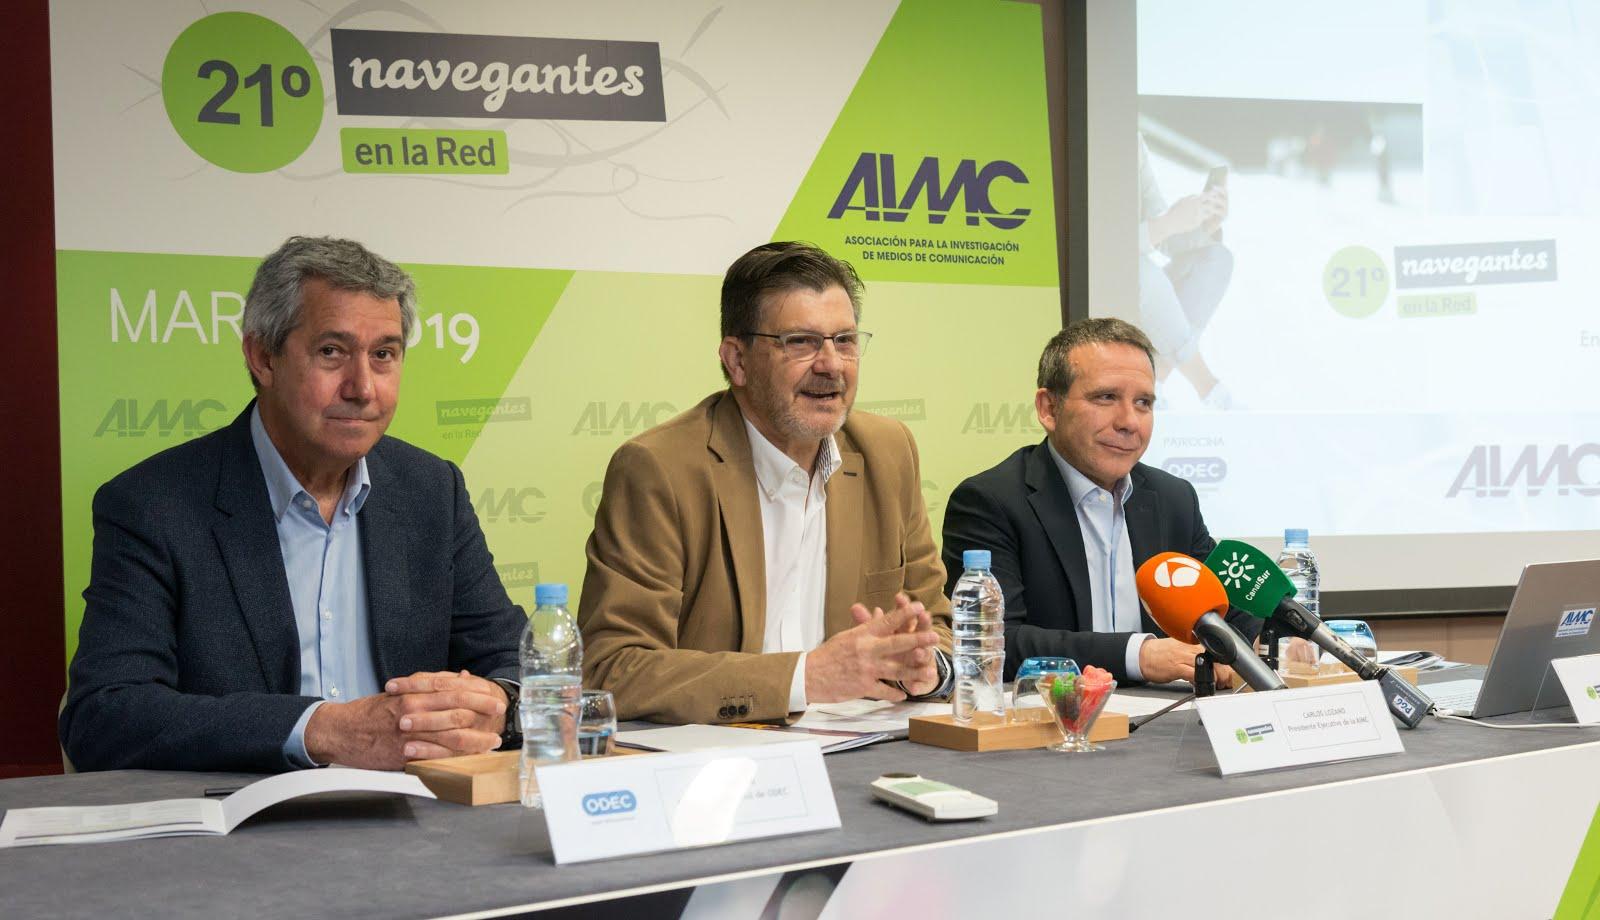 'NAVEGANTES' AJUSTA EL CONSUMO DE PODCASTS